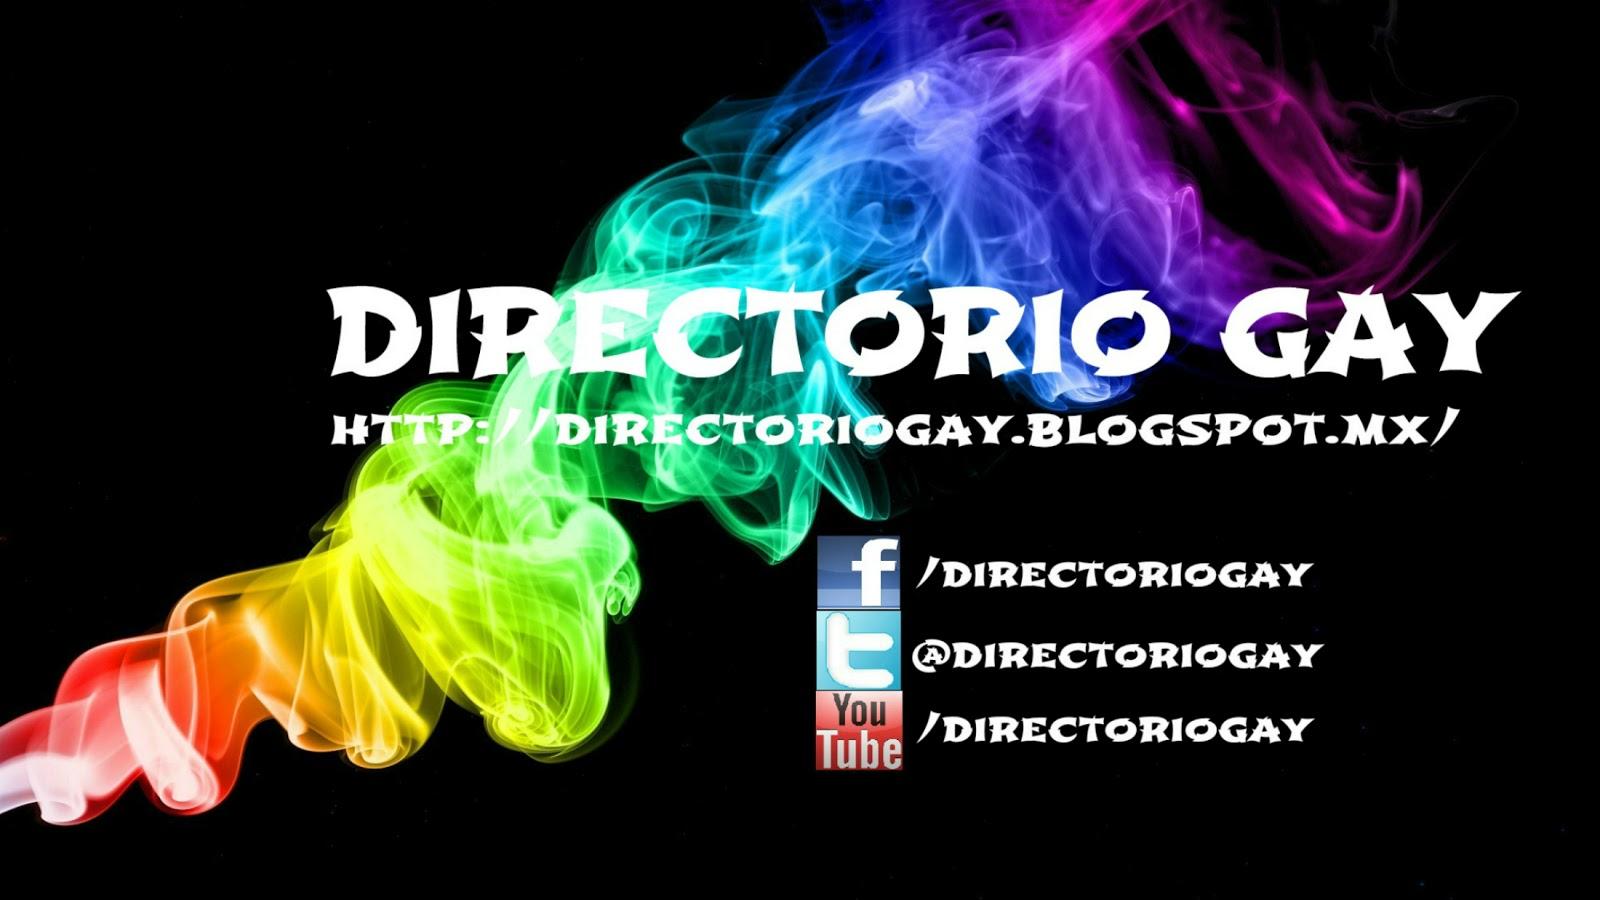 http://directoriogay.blogspot.mx/